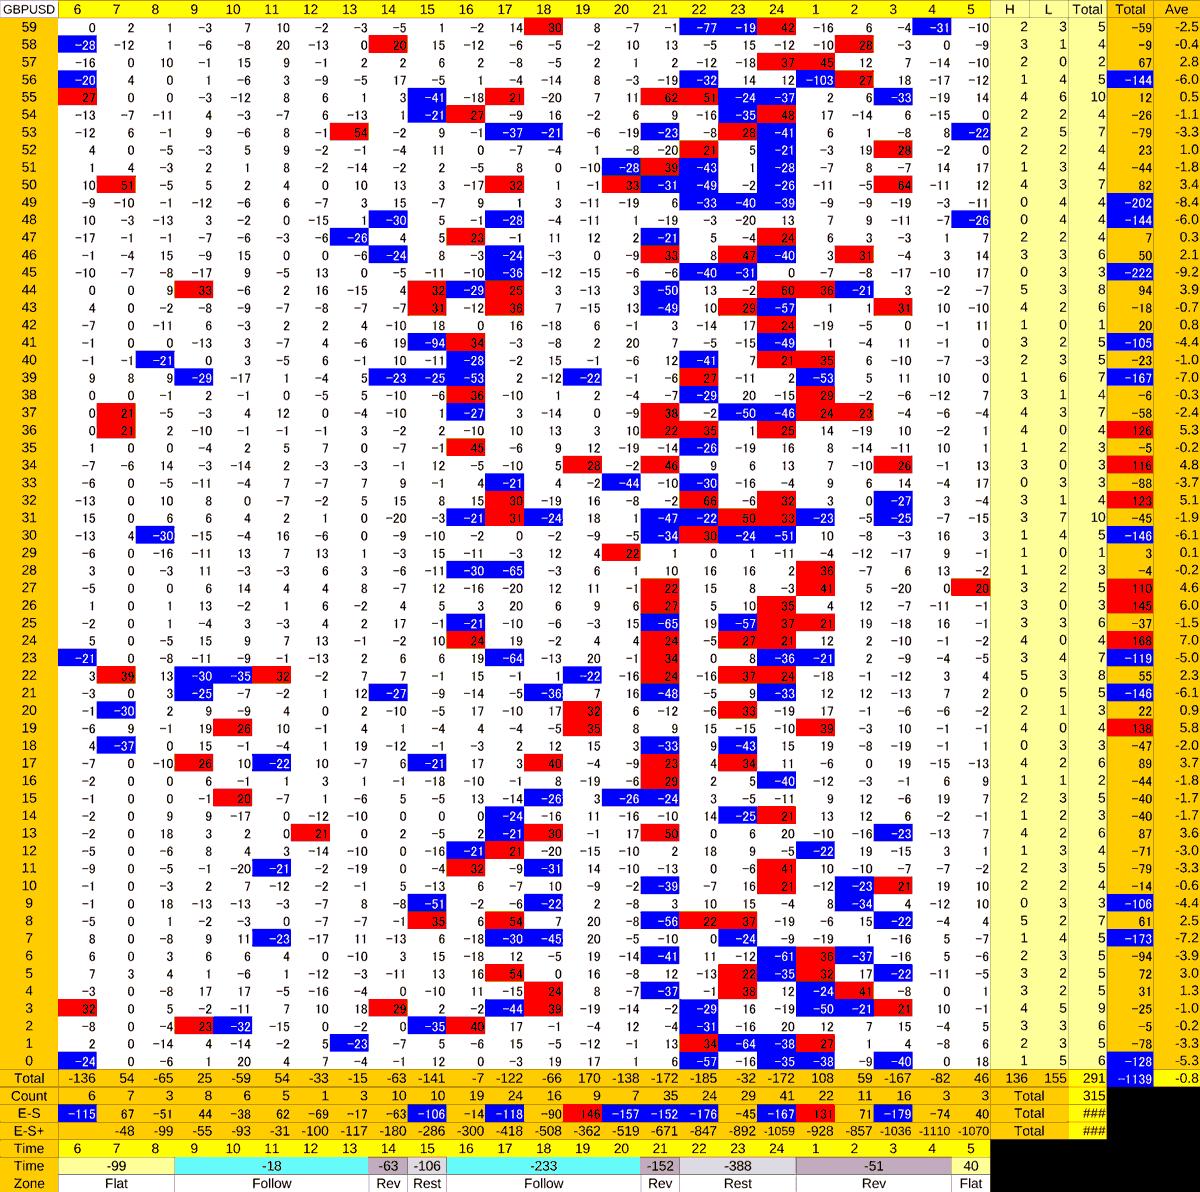 20210115_HS(2)GBPUSD